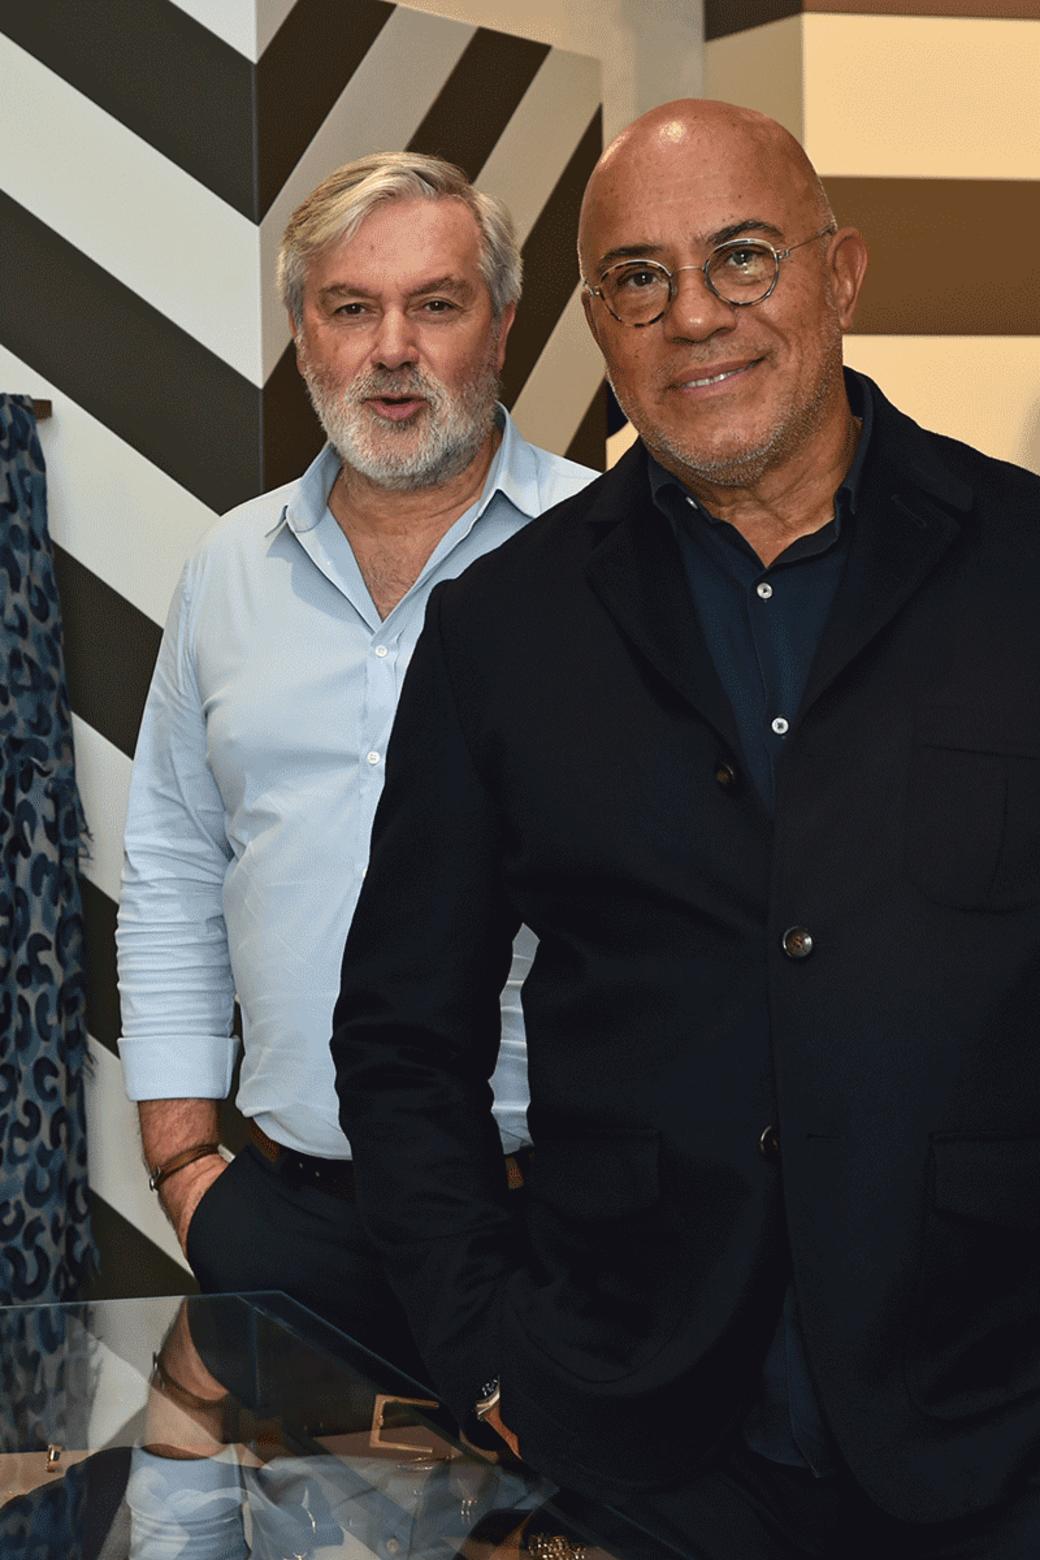 Eduardo Wongvalle and Stefano Valori